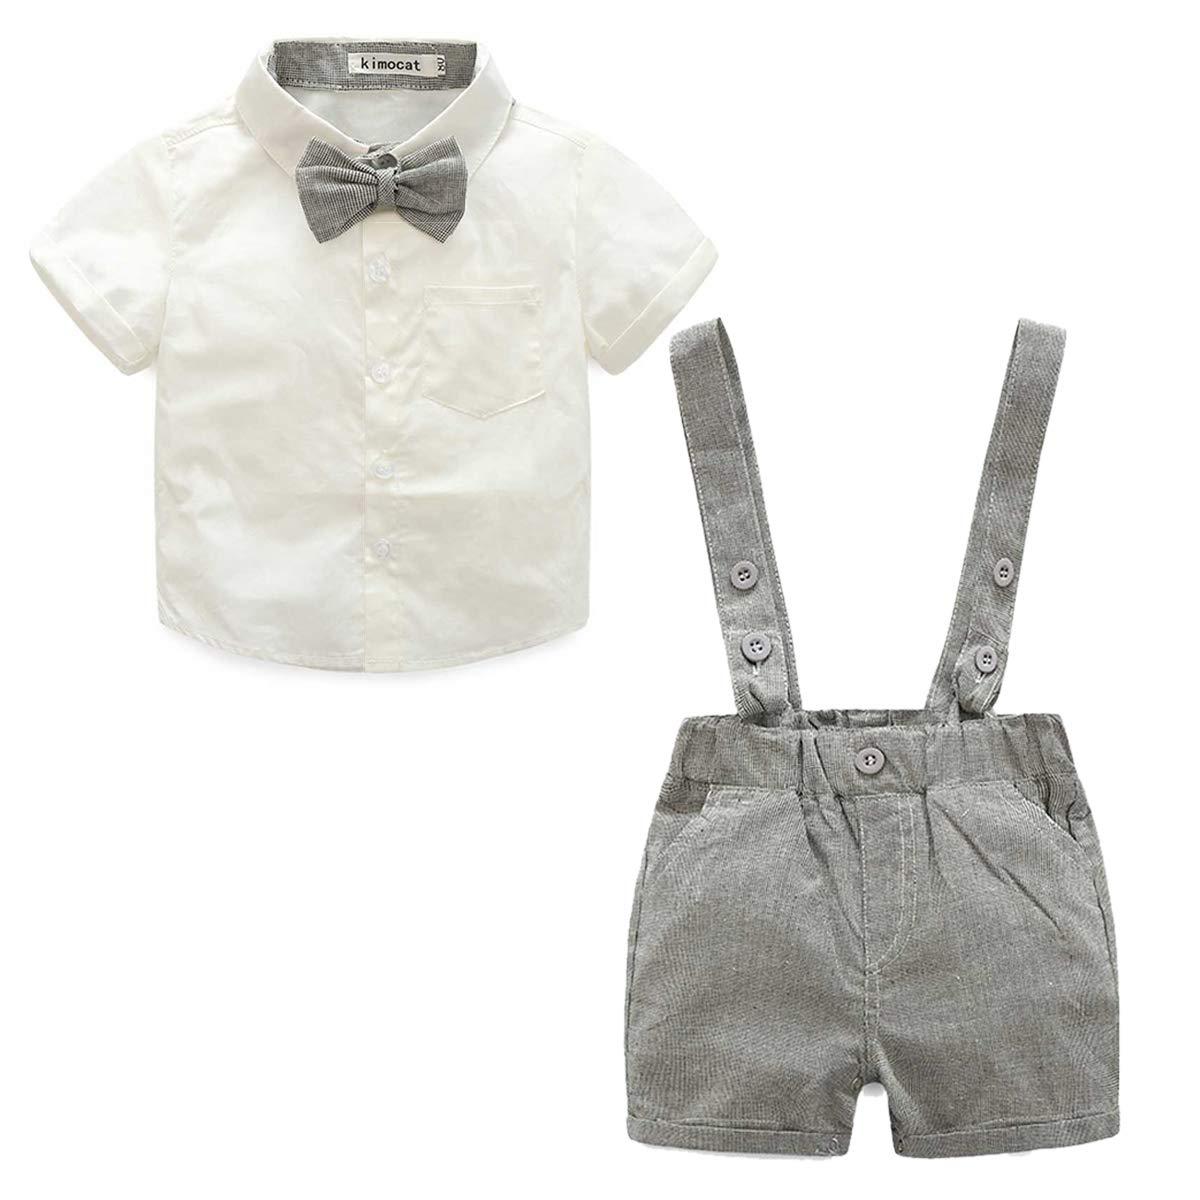 E.Life Bebés 2Pcs Trajes de Bautizo Camisa Bowtie Top + Tirantes Shorts Correa,